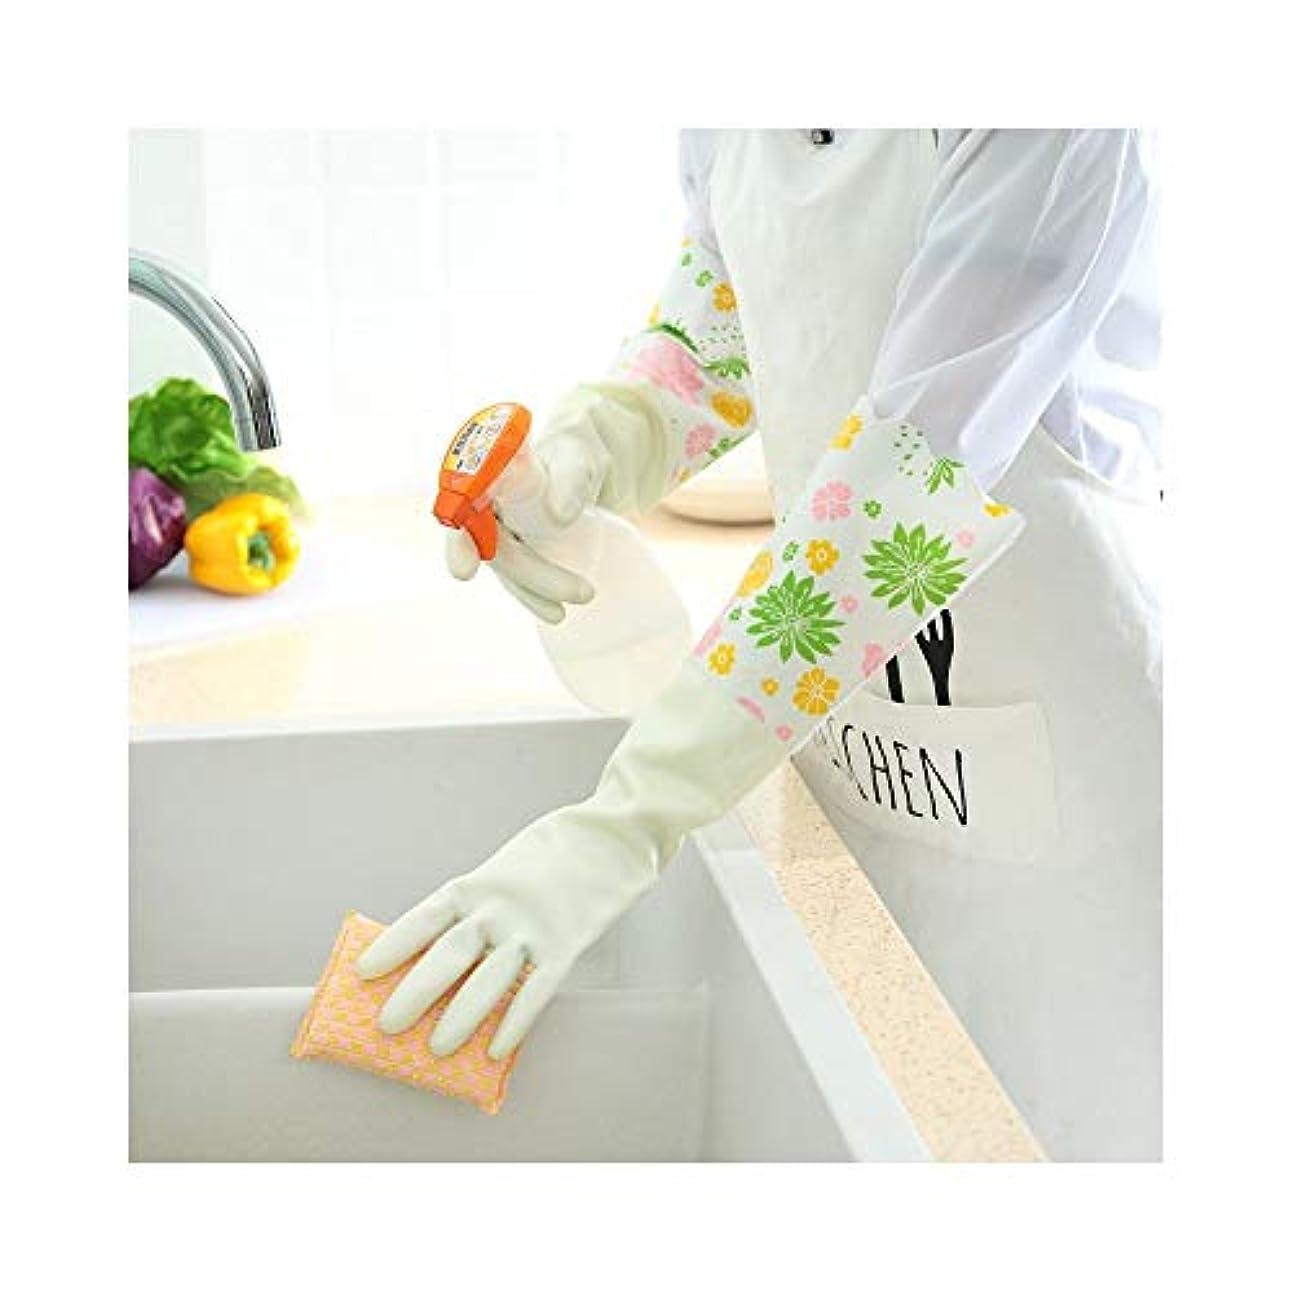 天窓侮辱ぴったりニトリルゴム手袋 キッチン用手袋防水性と耐久性のあるゴム製家事用手袋、1ペア 使い捨て手袋 (Color : GREEN, Size : L)